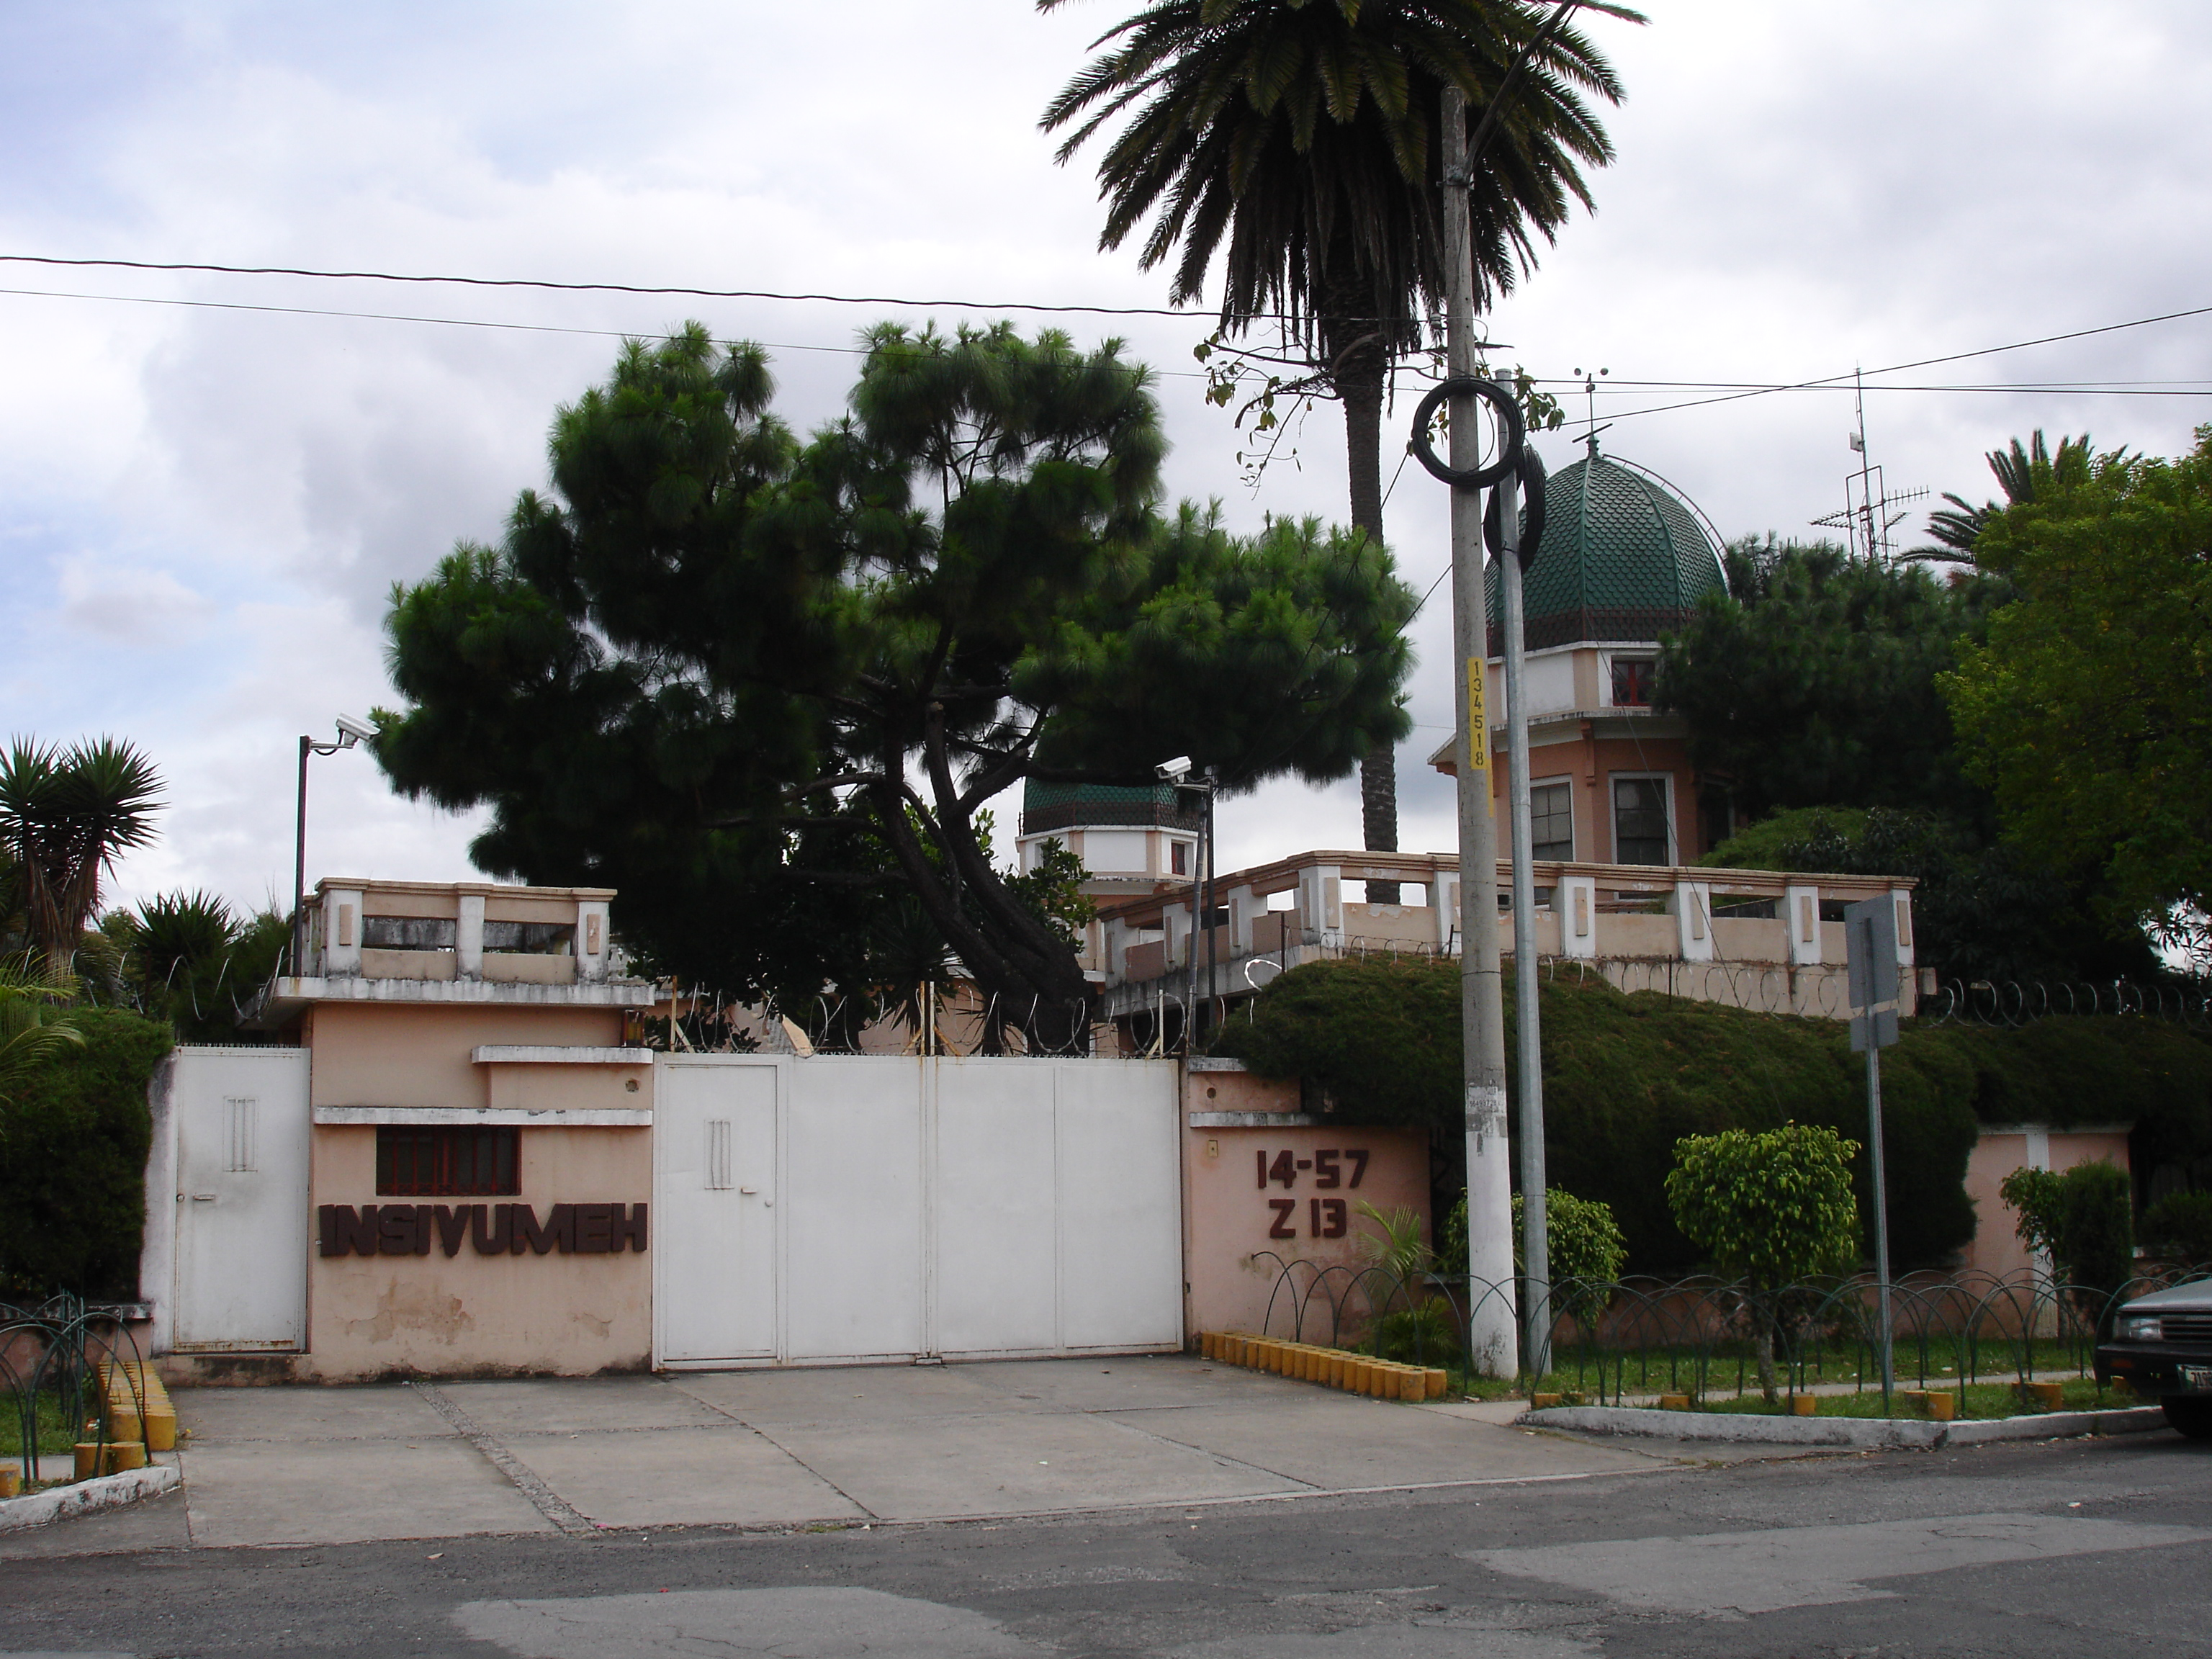 26 de marzo de 1976: se crea el INSIVUMEH tras el terremoto del 4 de febrero